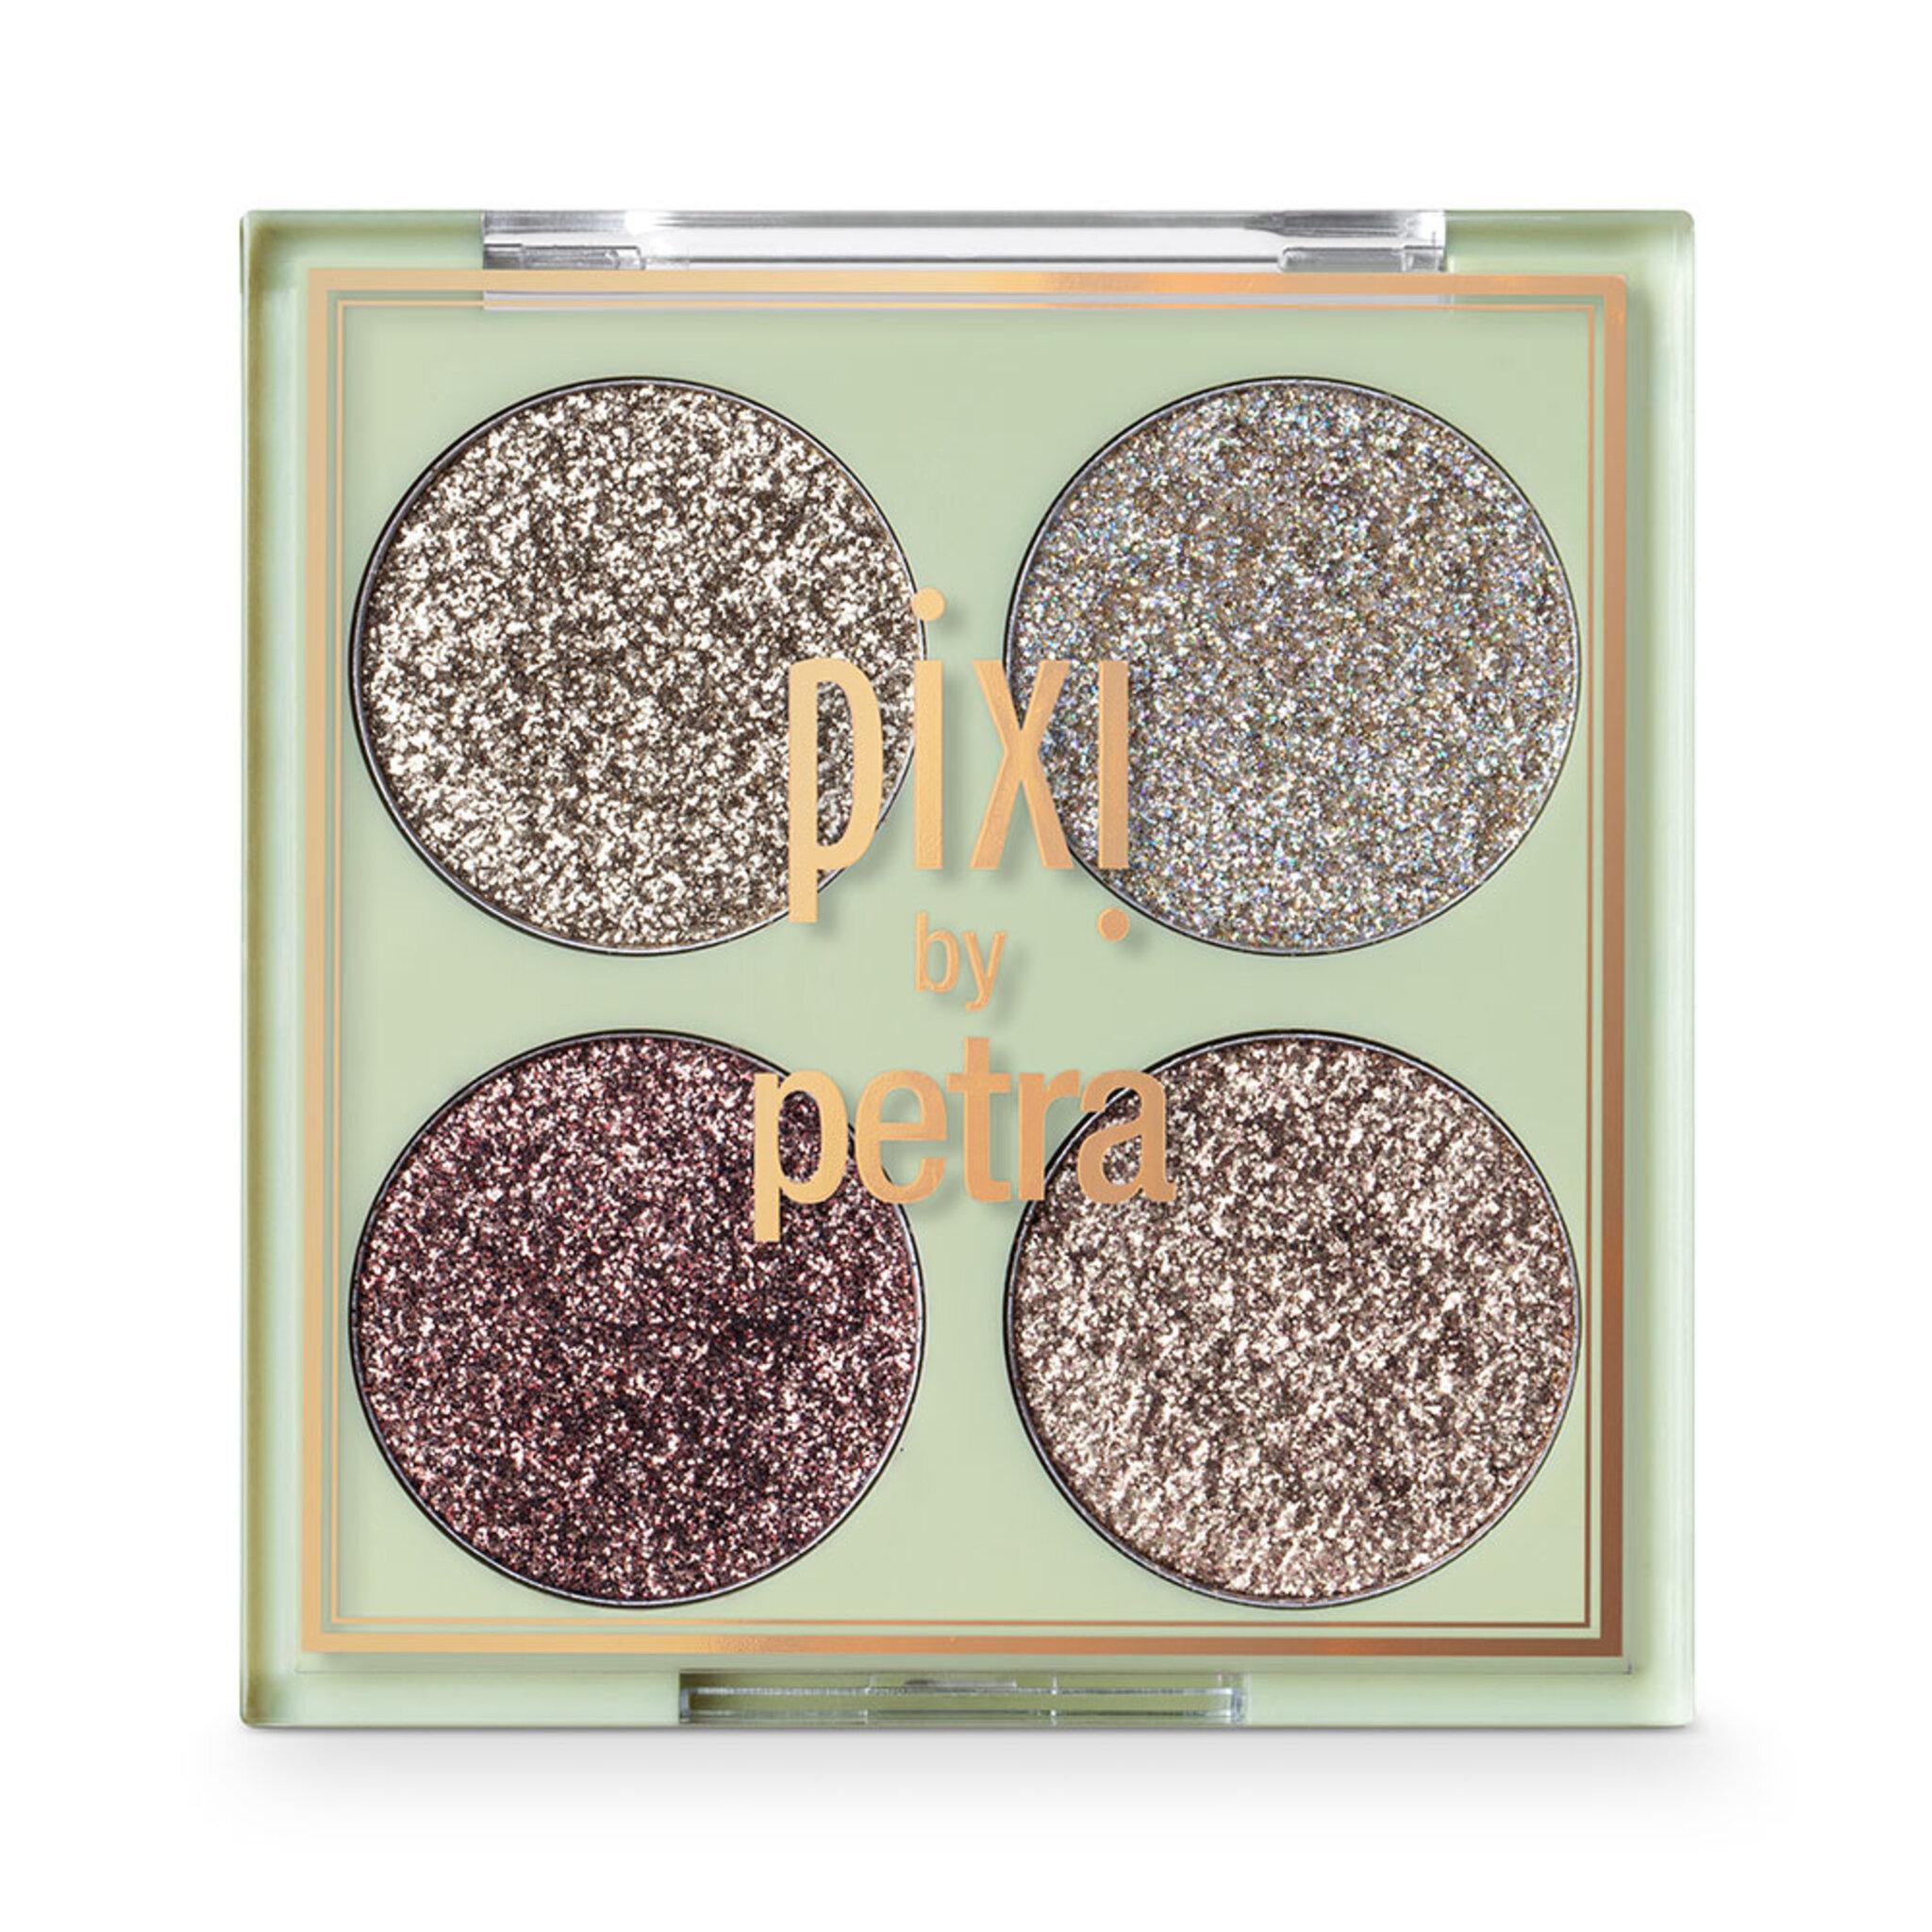 Glitter-y Eye Quad Eyecolor kit